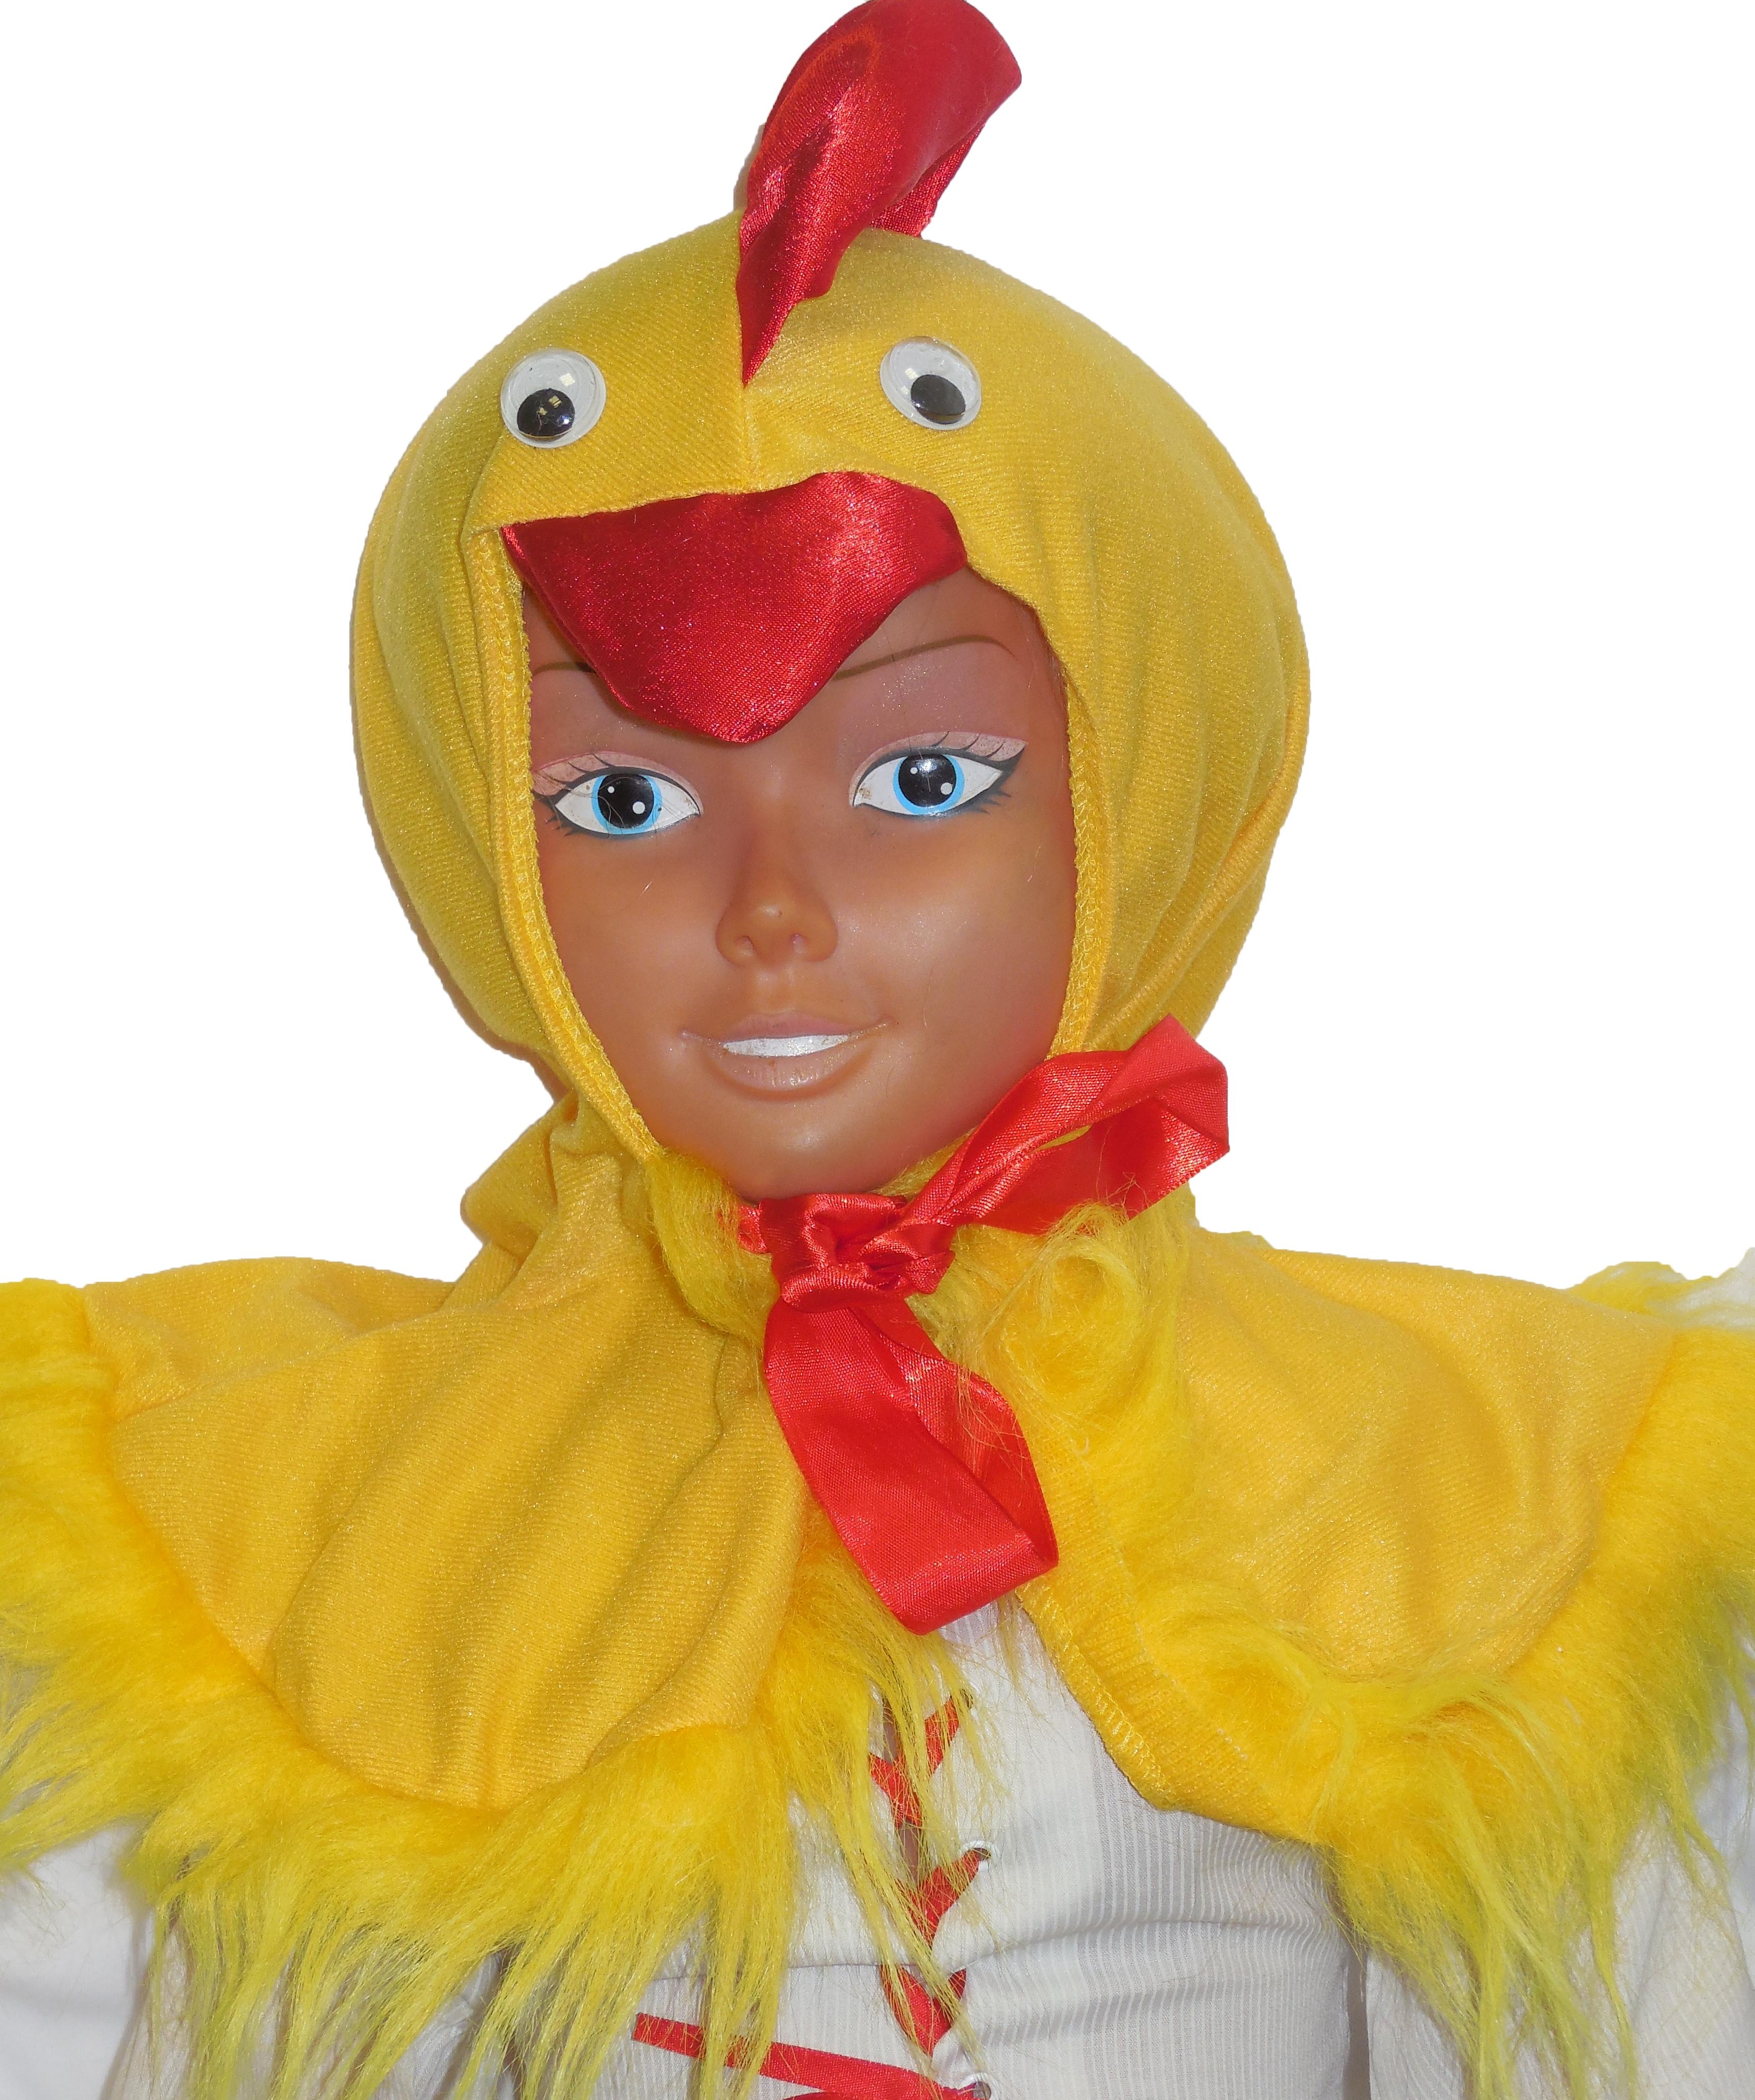 Карнавальные костюмы Индиго Набор для карнавала Цыпленок Индиго Желтый lackpard индиго